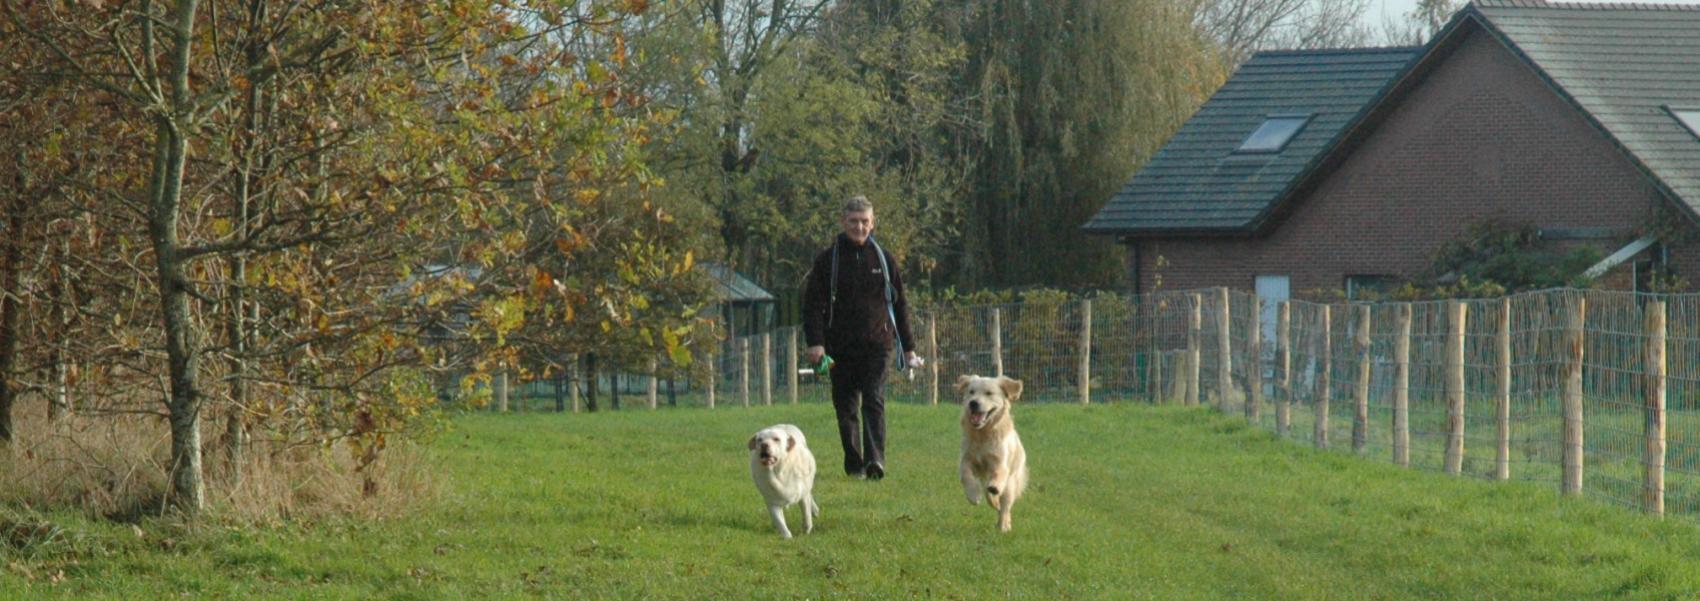 wandelaar met honden in de hondenzone